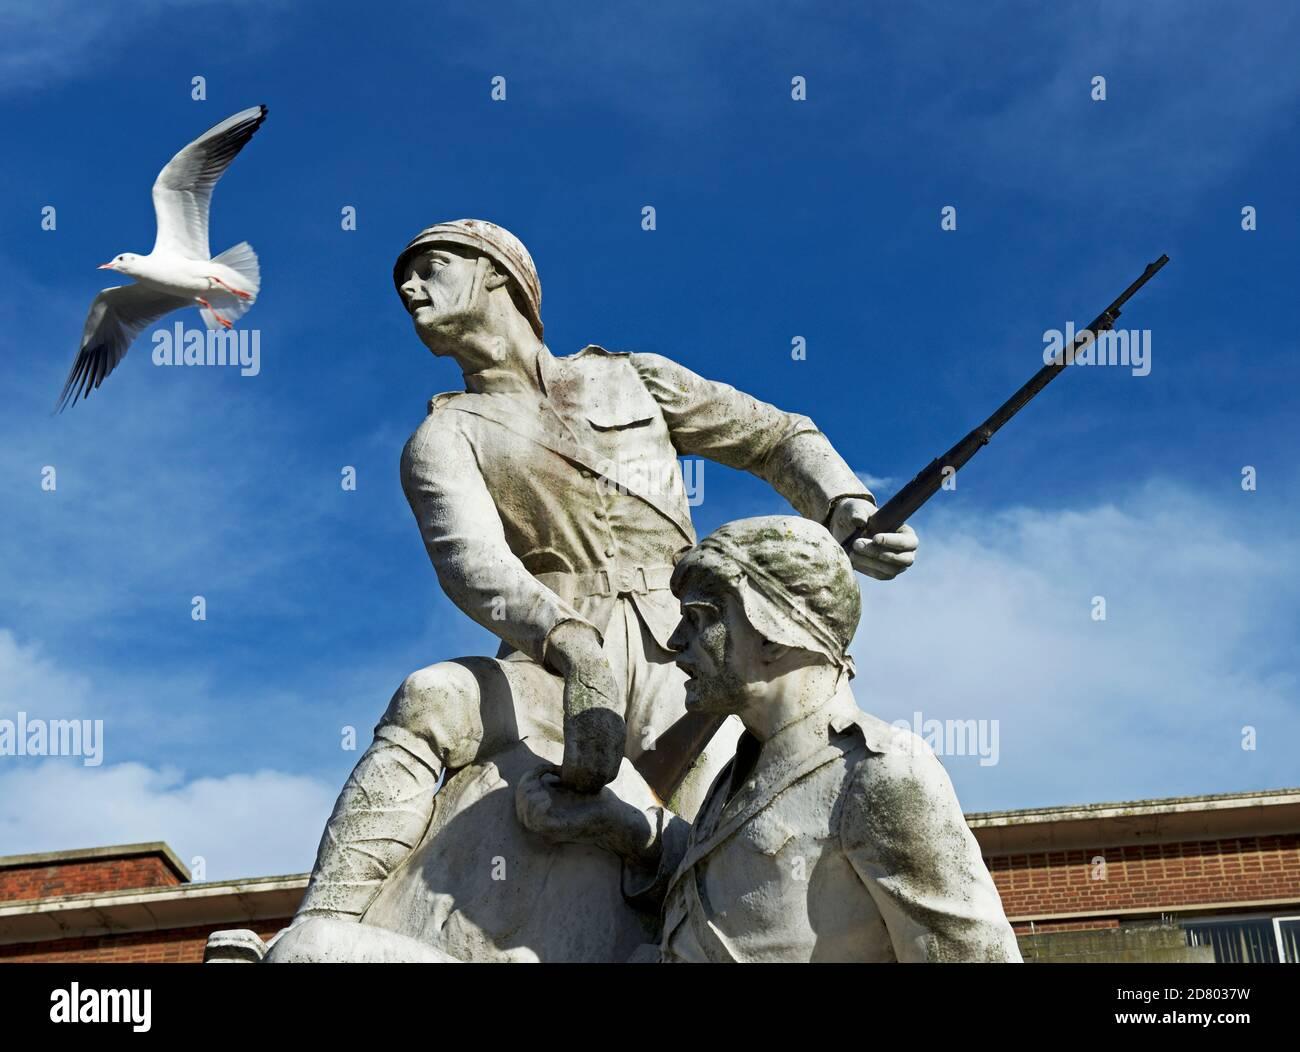 seagull-2D8037W.jpg